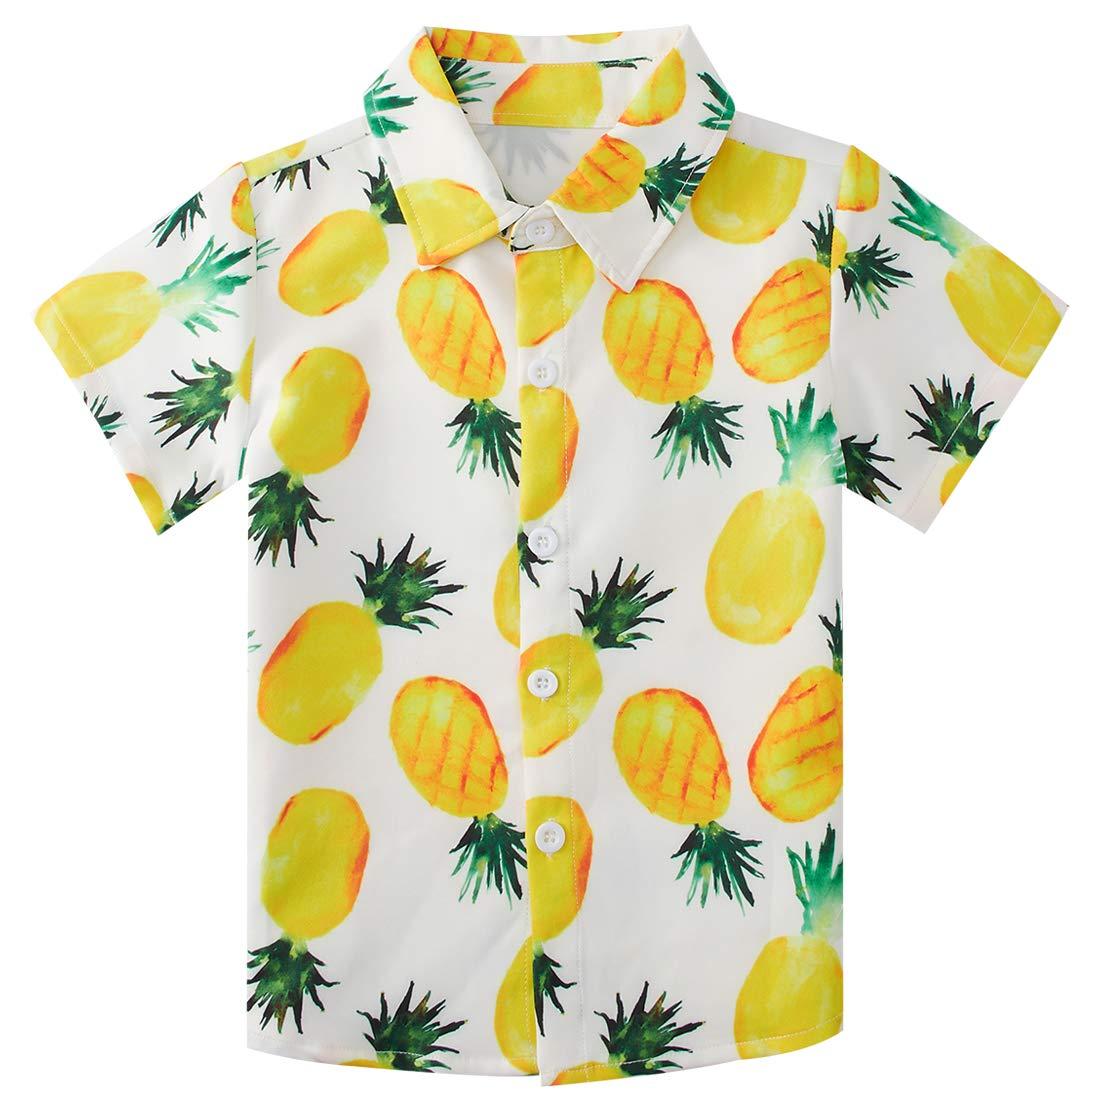 Fanient Little Big Boys Hawaiian Shirt Pineapple Slim-Fit Short Sleeve Button Down Shirts Cool Dress Shirt Size 5-6T